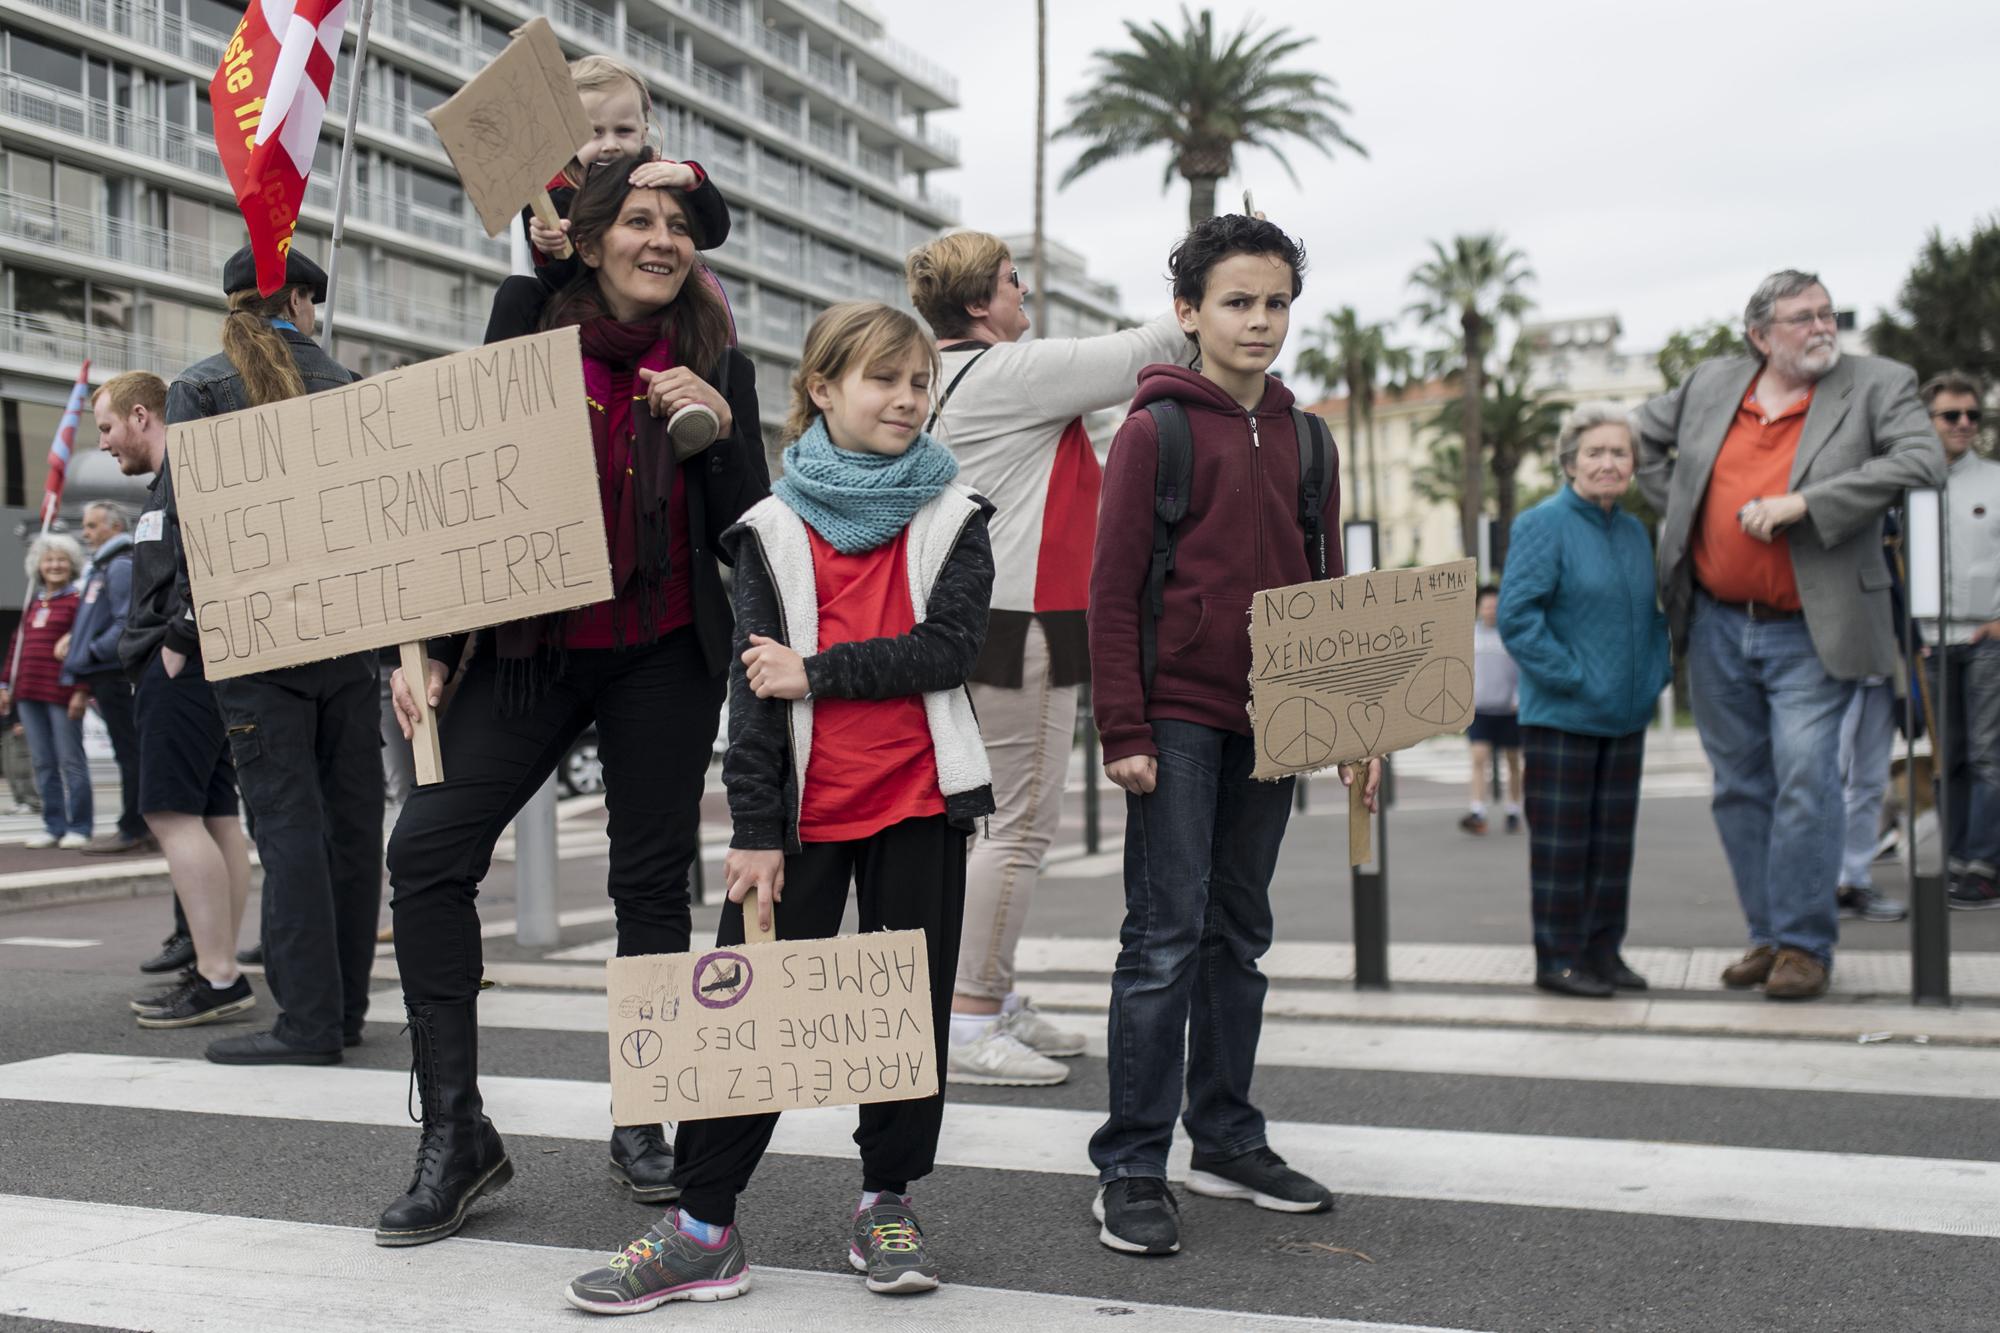 Marche Solidaire pour les Migrant.e.sJour 1/ Bis 1erMAijour de manifestation unitaire à NiceLes benevoles de la marche se joignent au cortège, échangent avec des sympatisants de La Republique en MArche venus protester contre la venue de Marine Le Pen à Nice pour un congrèsProjet Collectif item